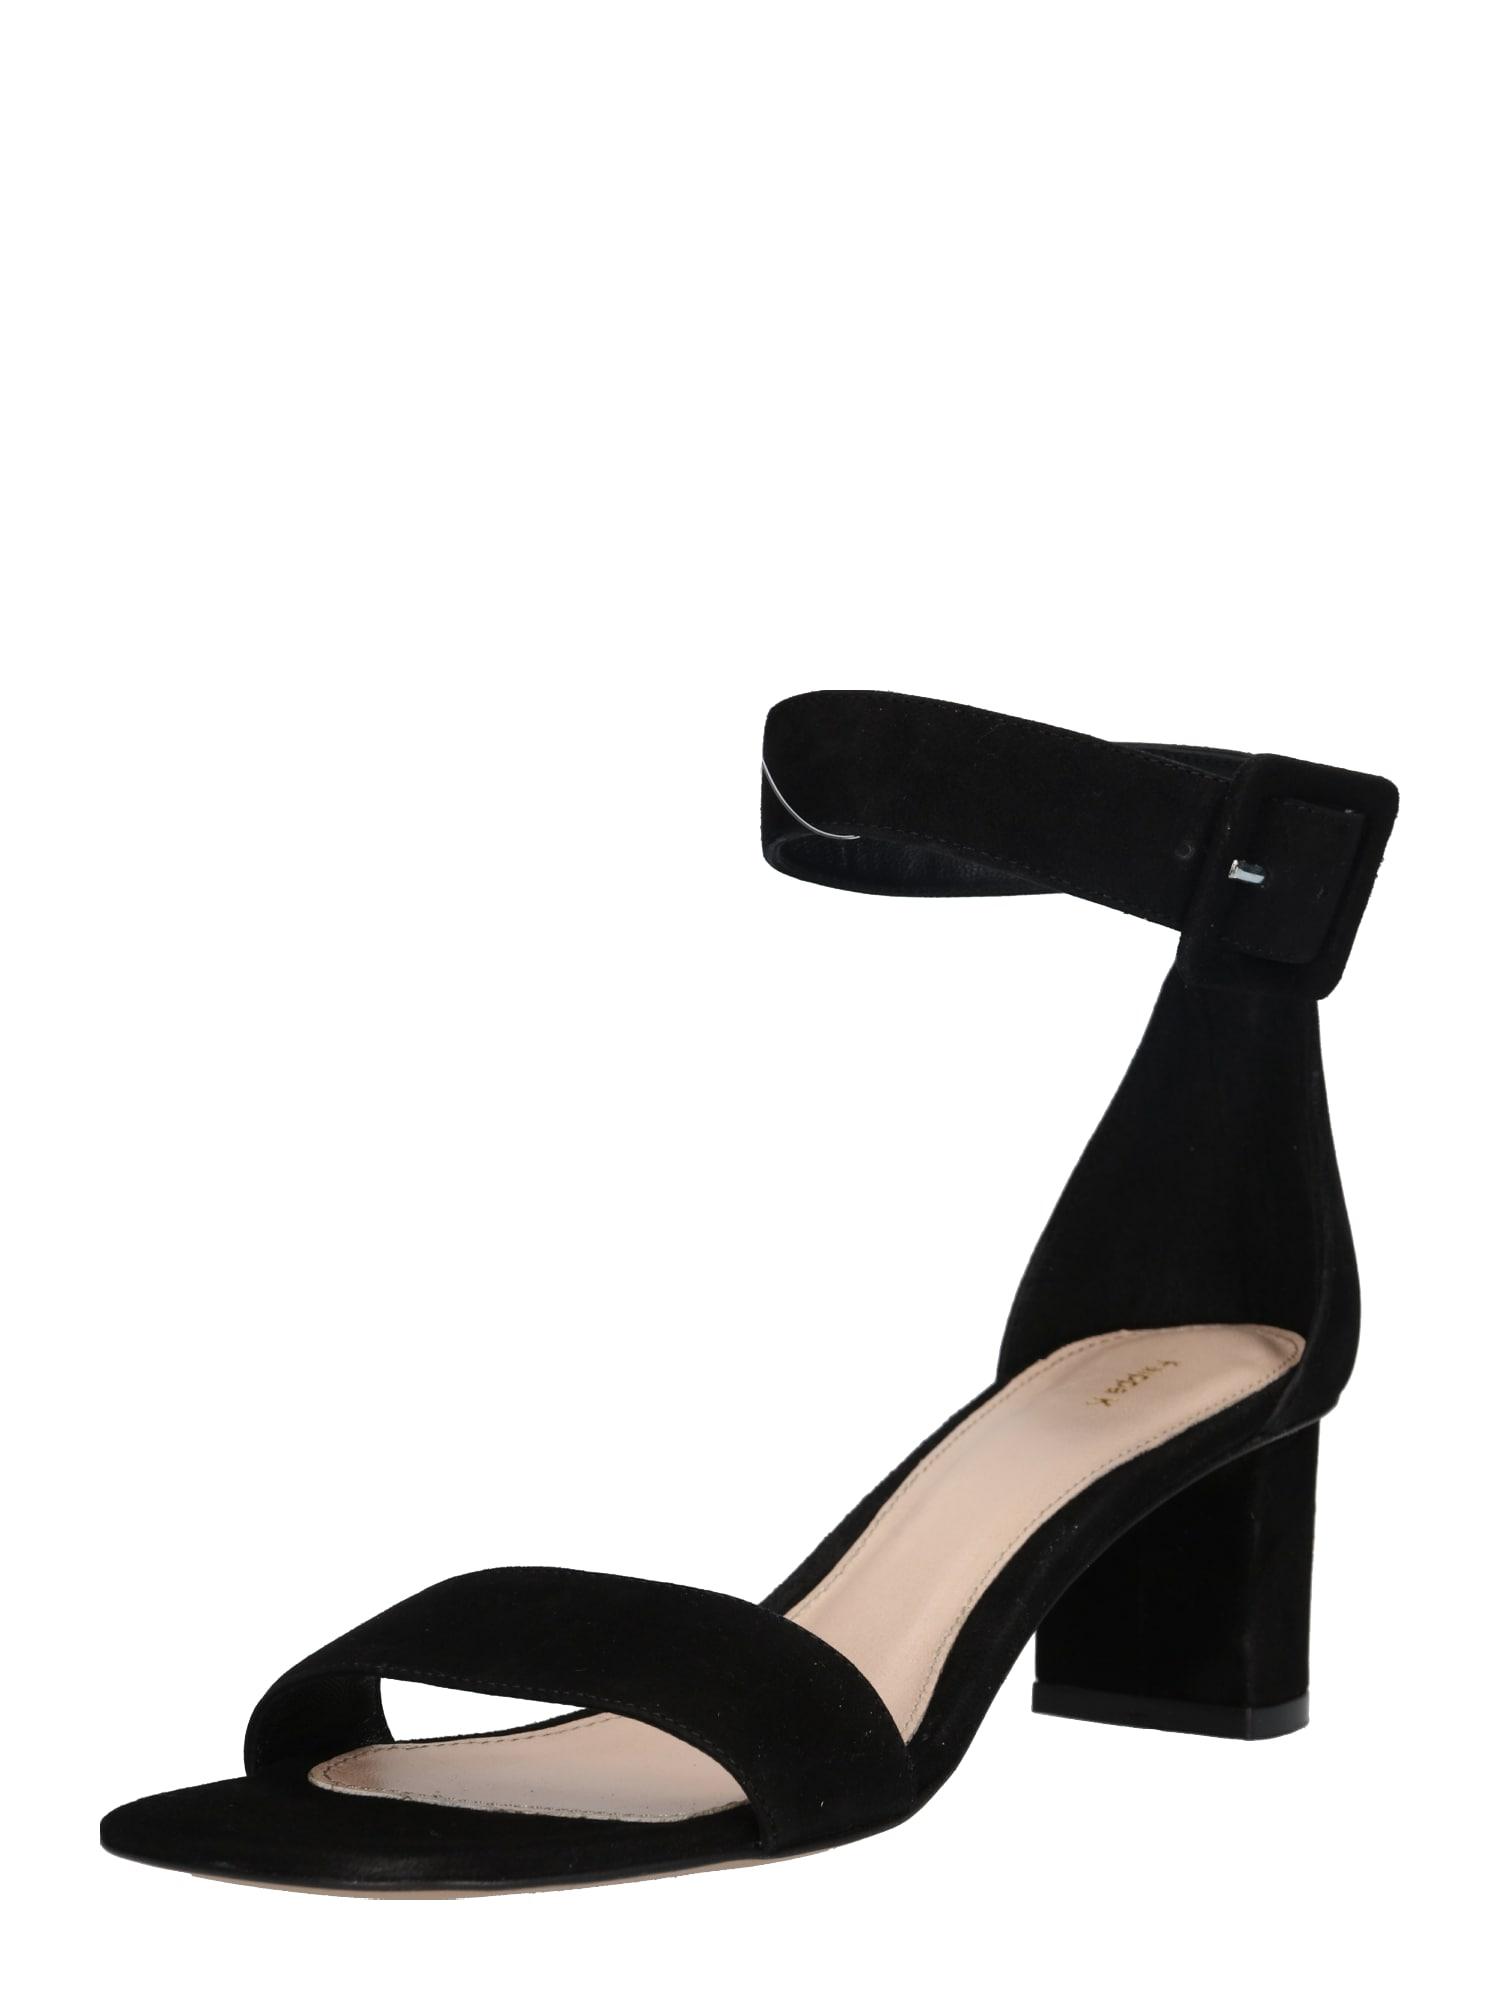 Páskové sandály Frances Mid Heel Sandal černá Filippa K